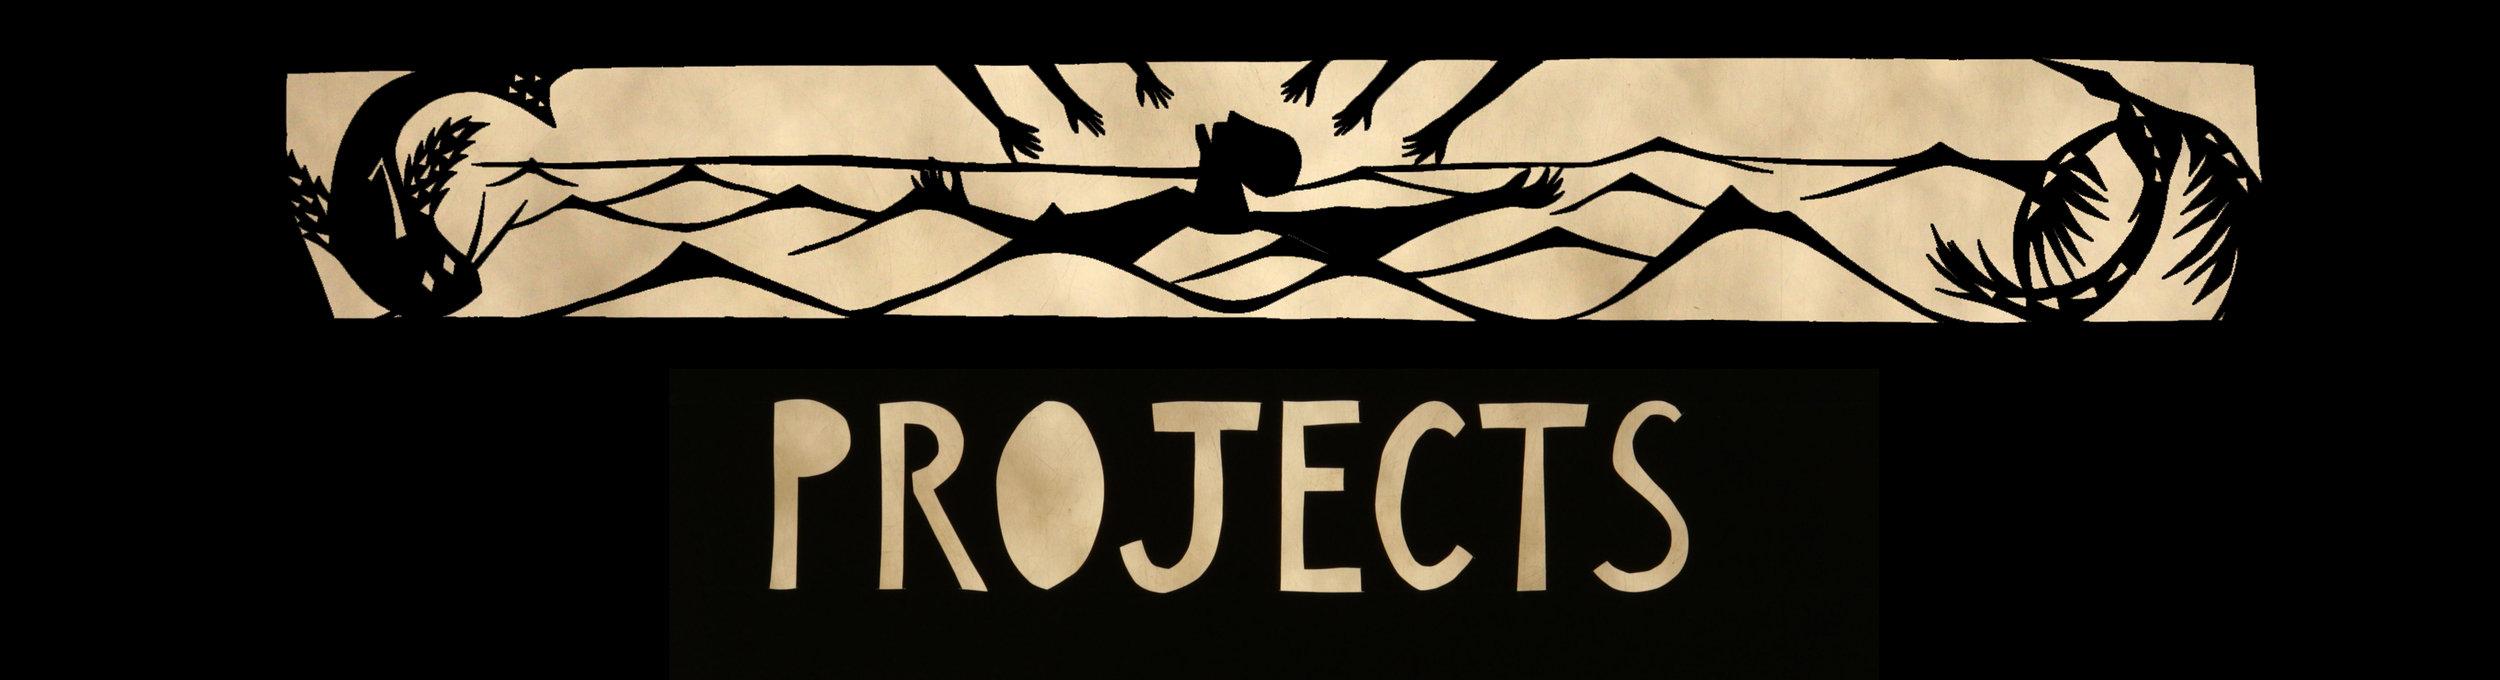 Projects Logo.jpg